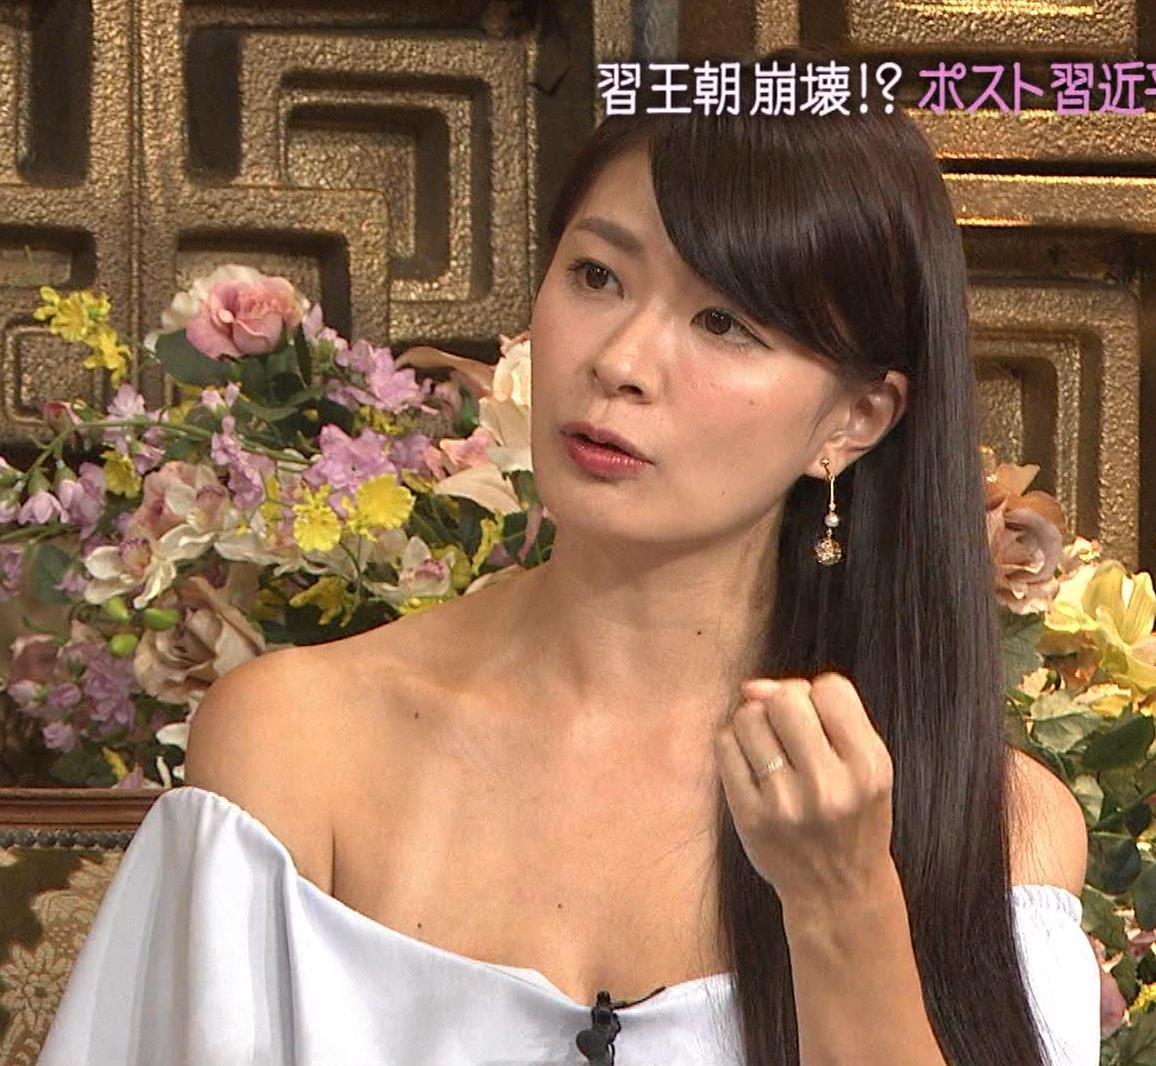 八田亜矢子 水着の日焼けの跡がエロ過ぎのチューブトップキャプ画像(エロ・アイコラ画像)